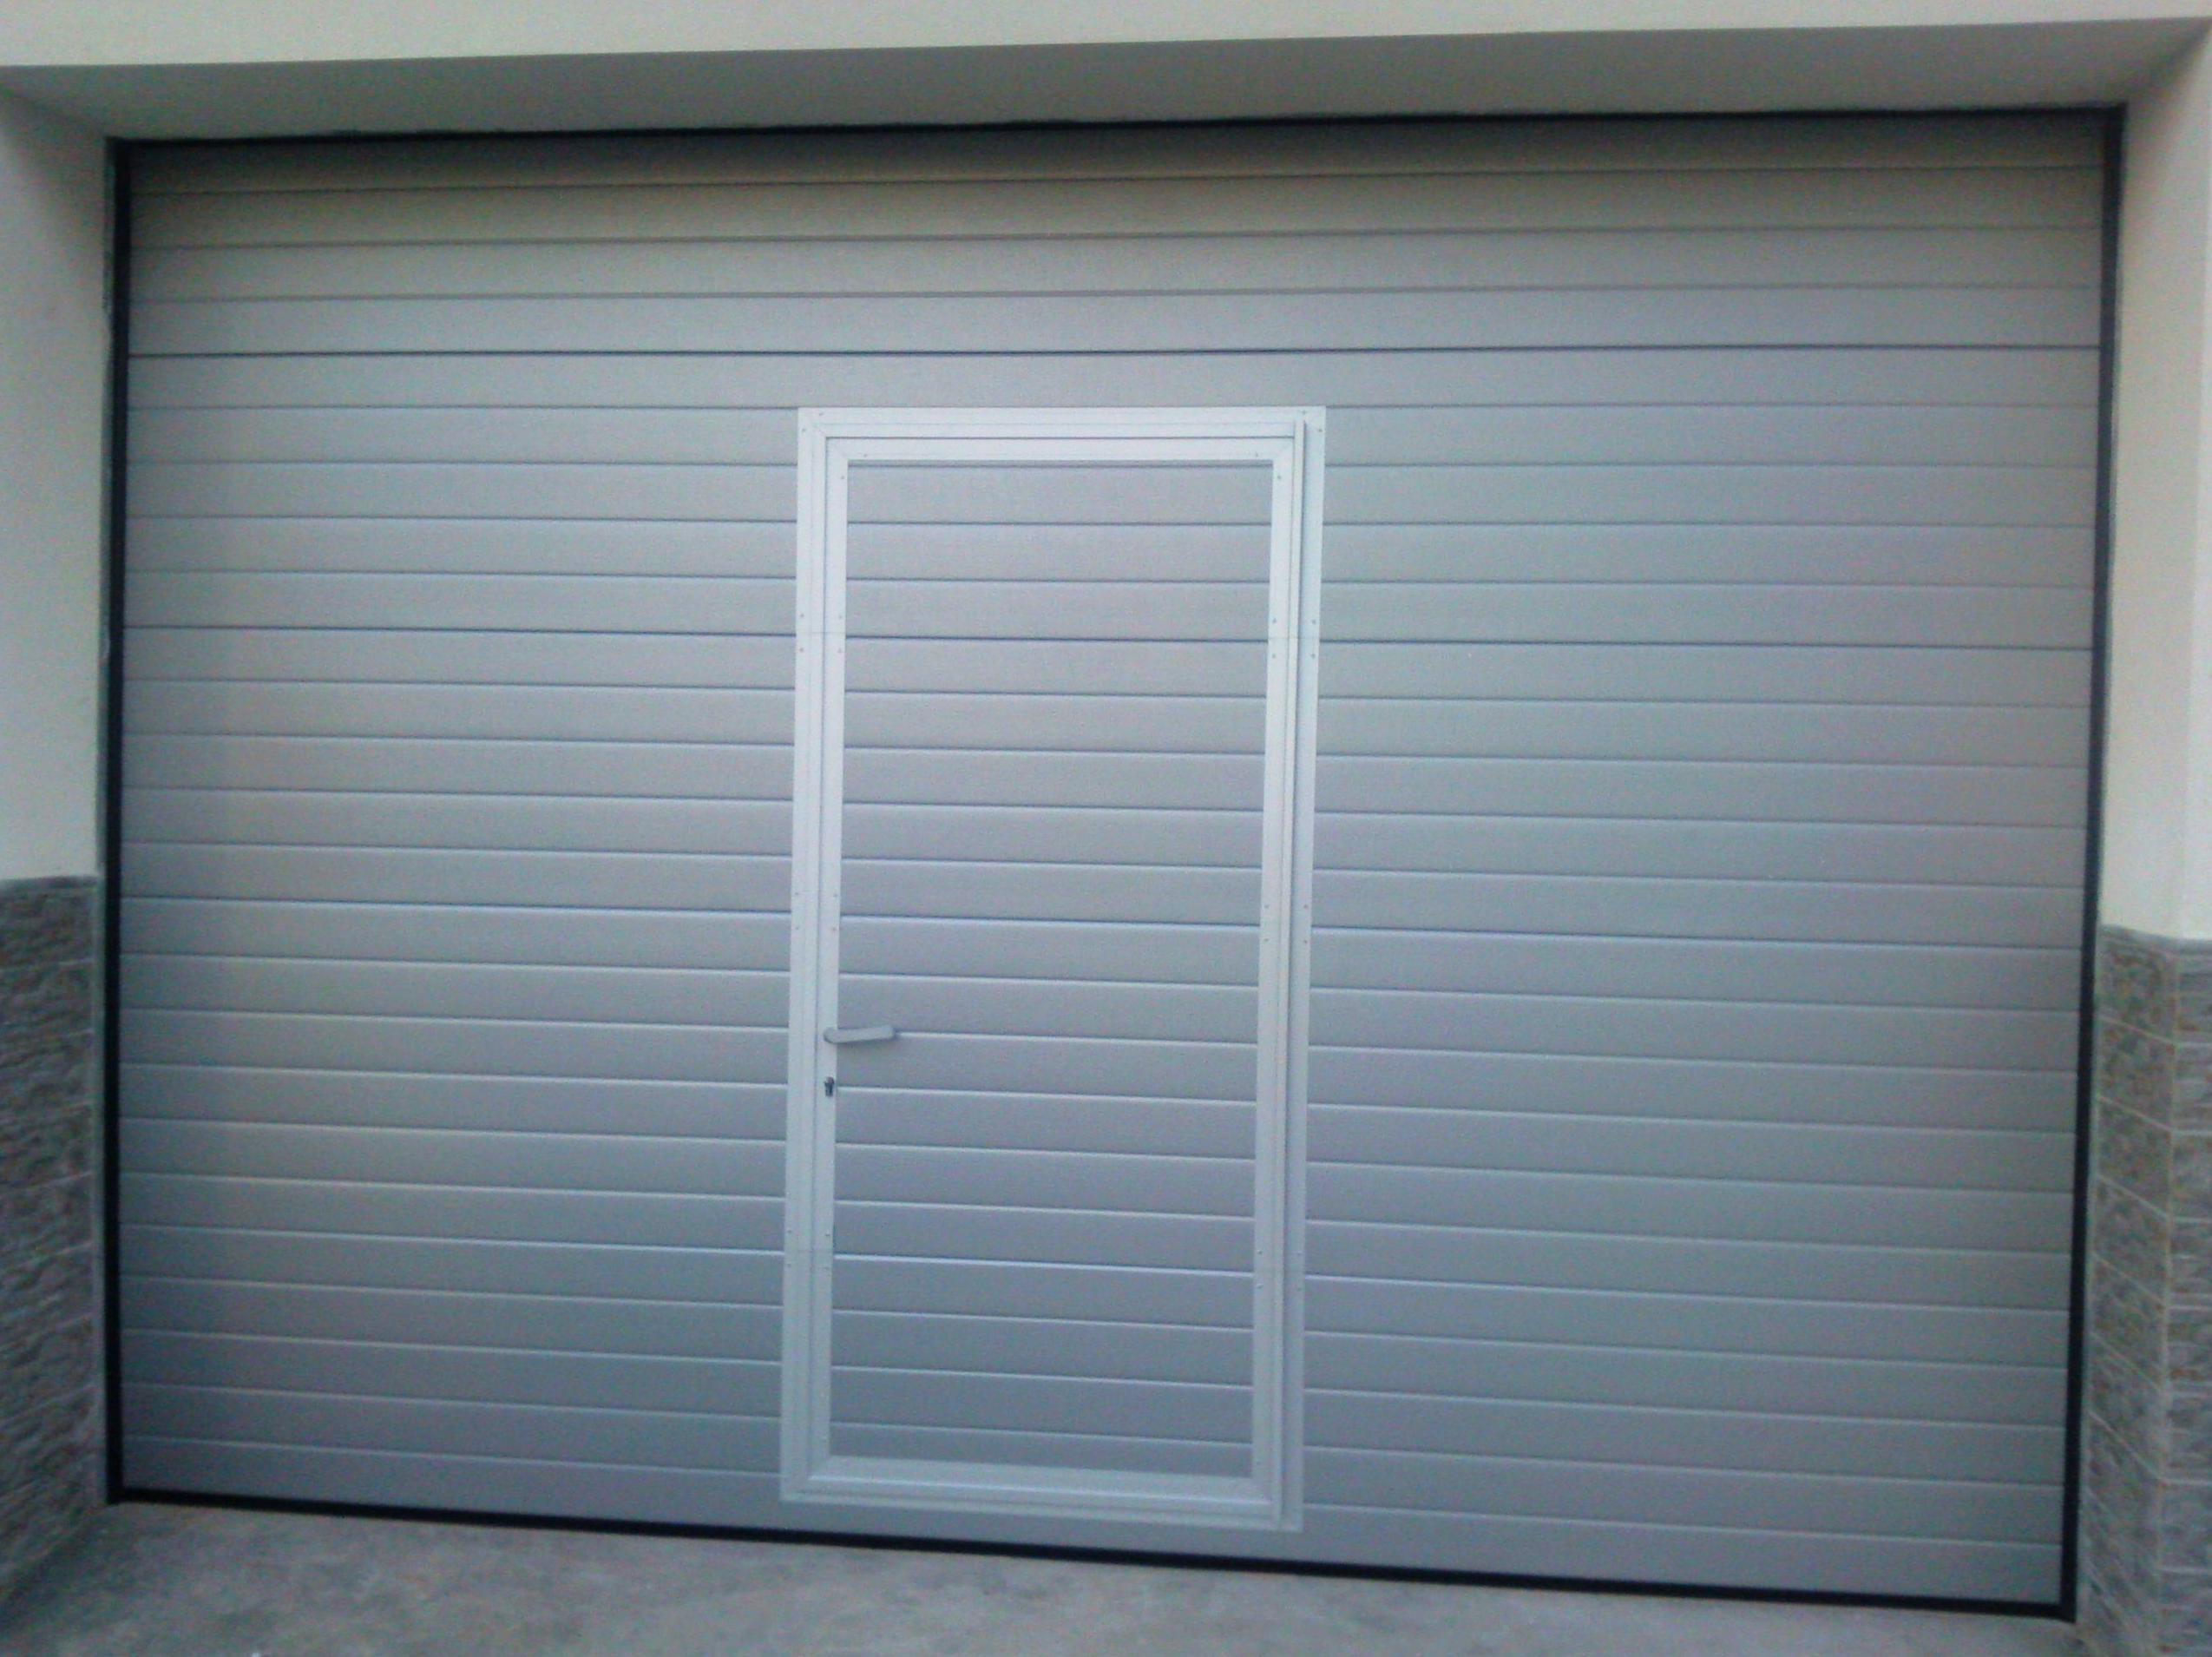 Puertas de garaje autom ticas y manuales for Puertas automaticas garaje